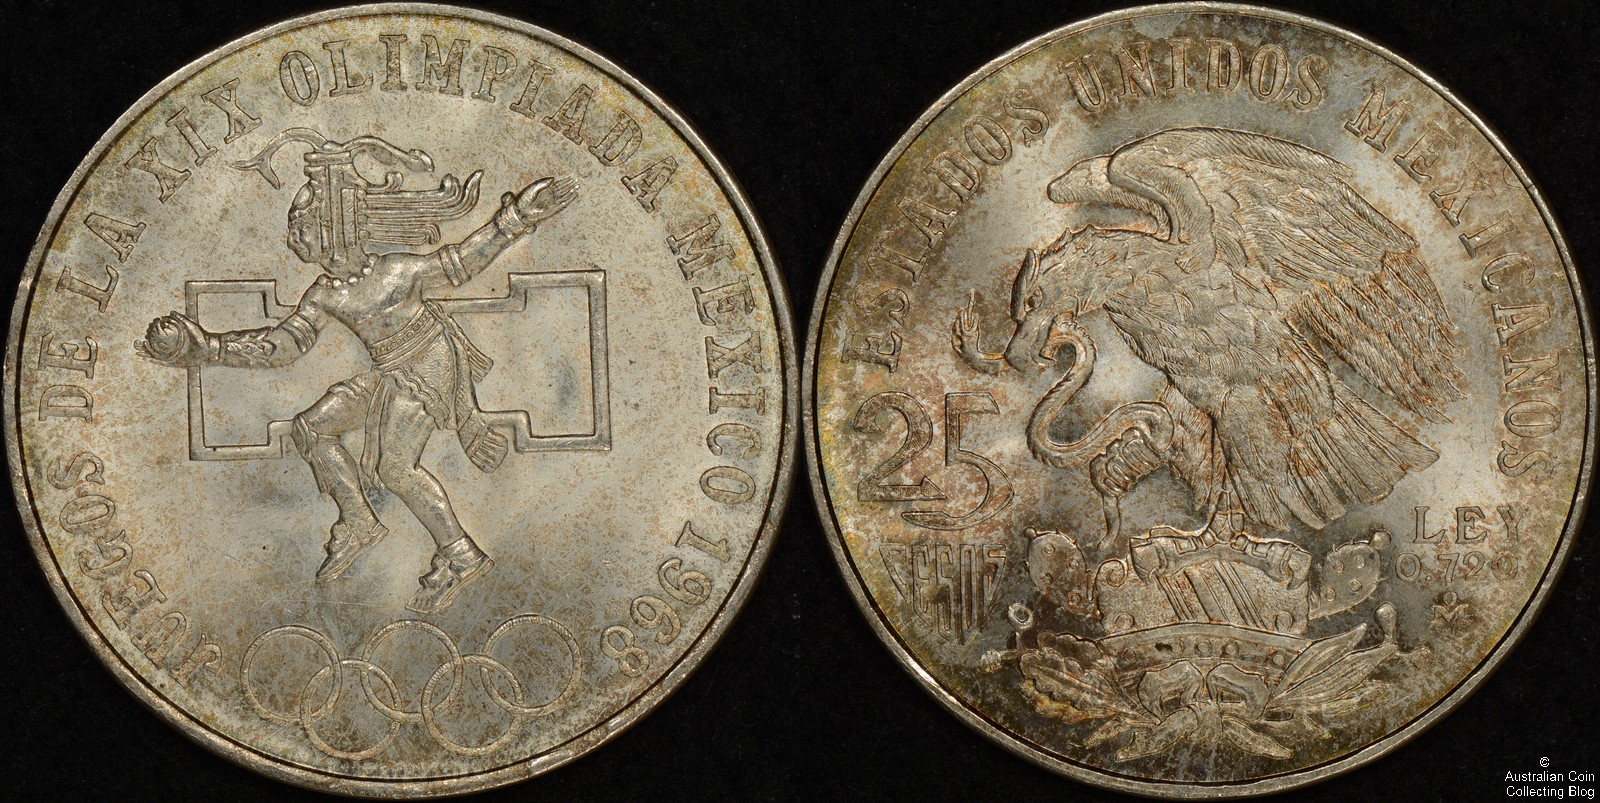 Mexico 1968 25 Pesos KM#479.1